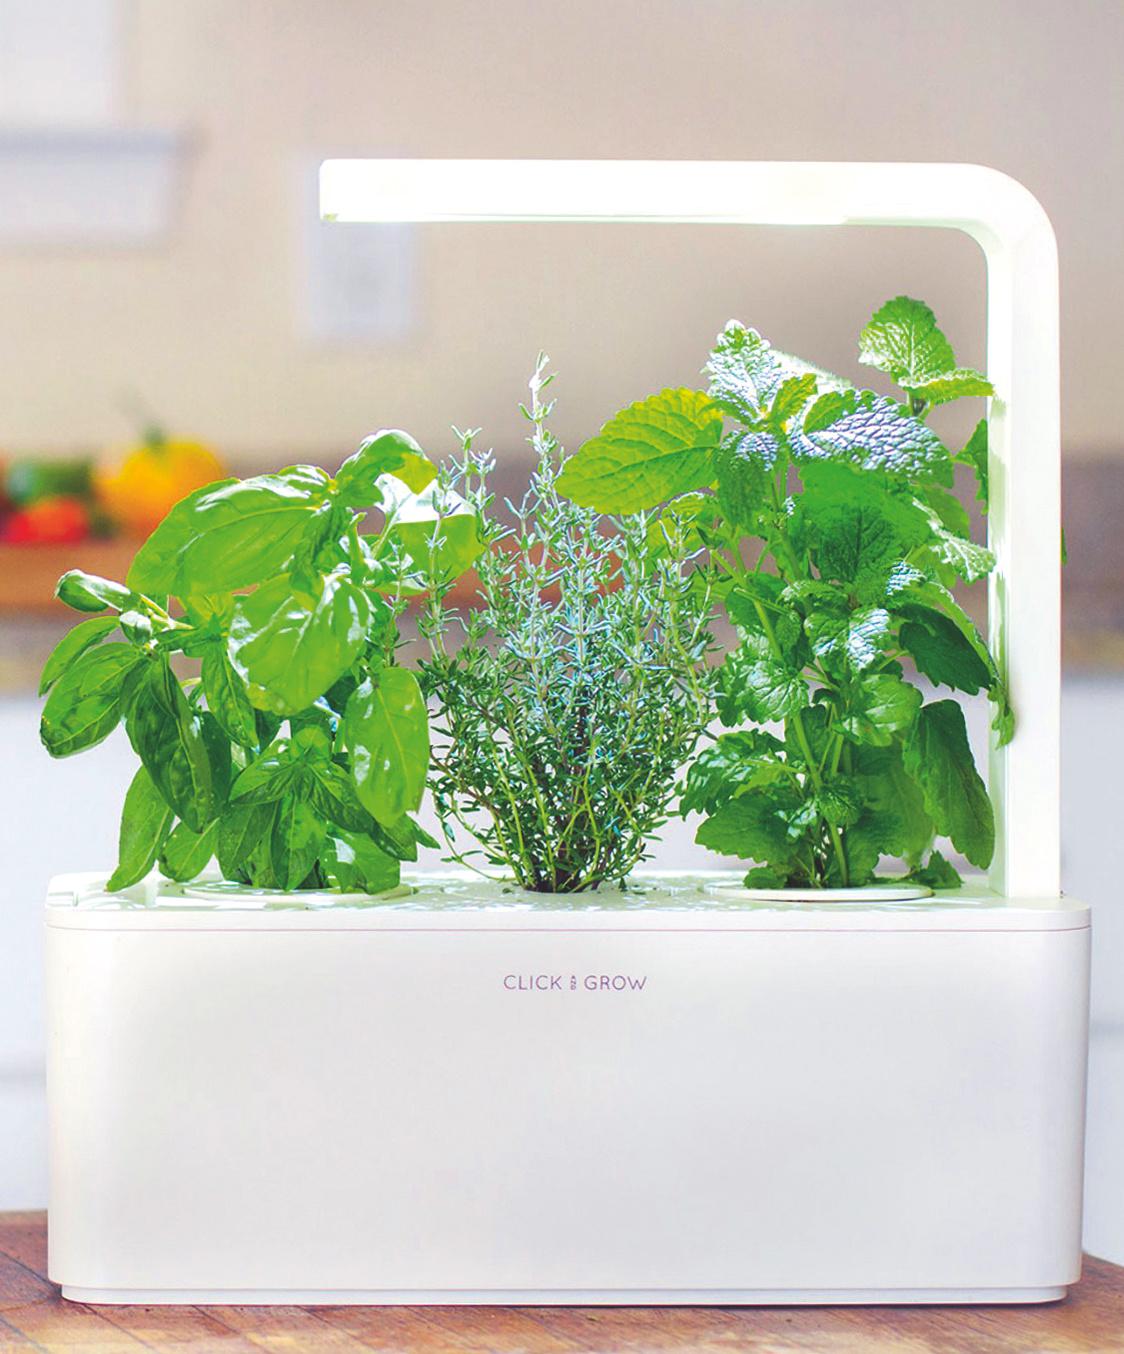 die wenig wasser brauchen top diese pflanzen brauchen. Black Bedroom Furniture Sets. Home Design Ideas